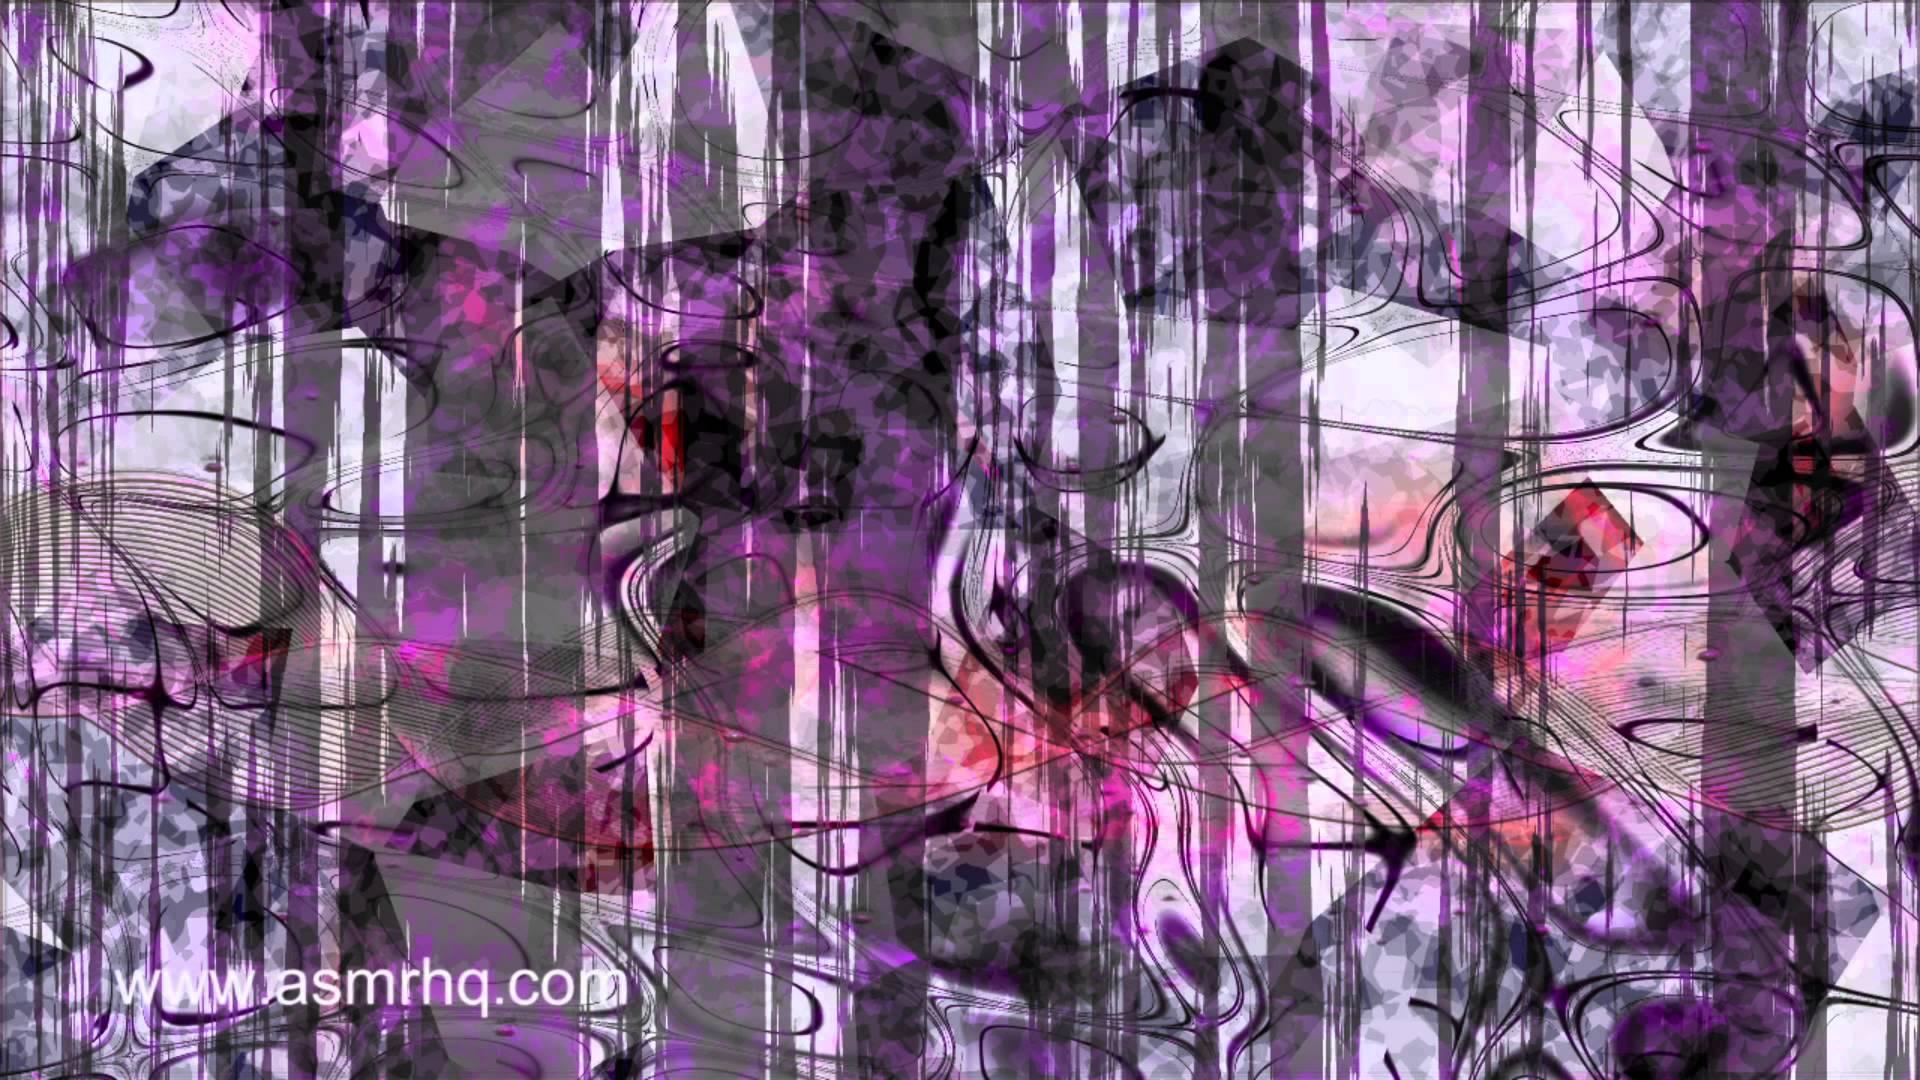 ASMR: Sound Series #51 – Just Crinkles